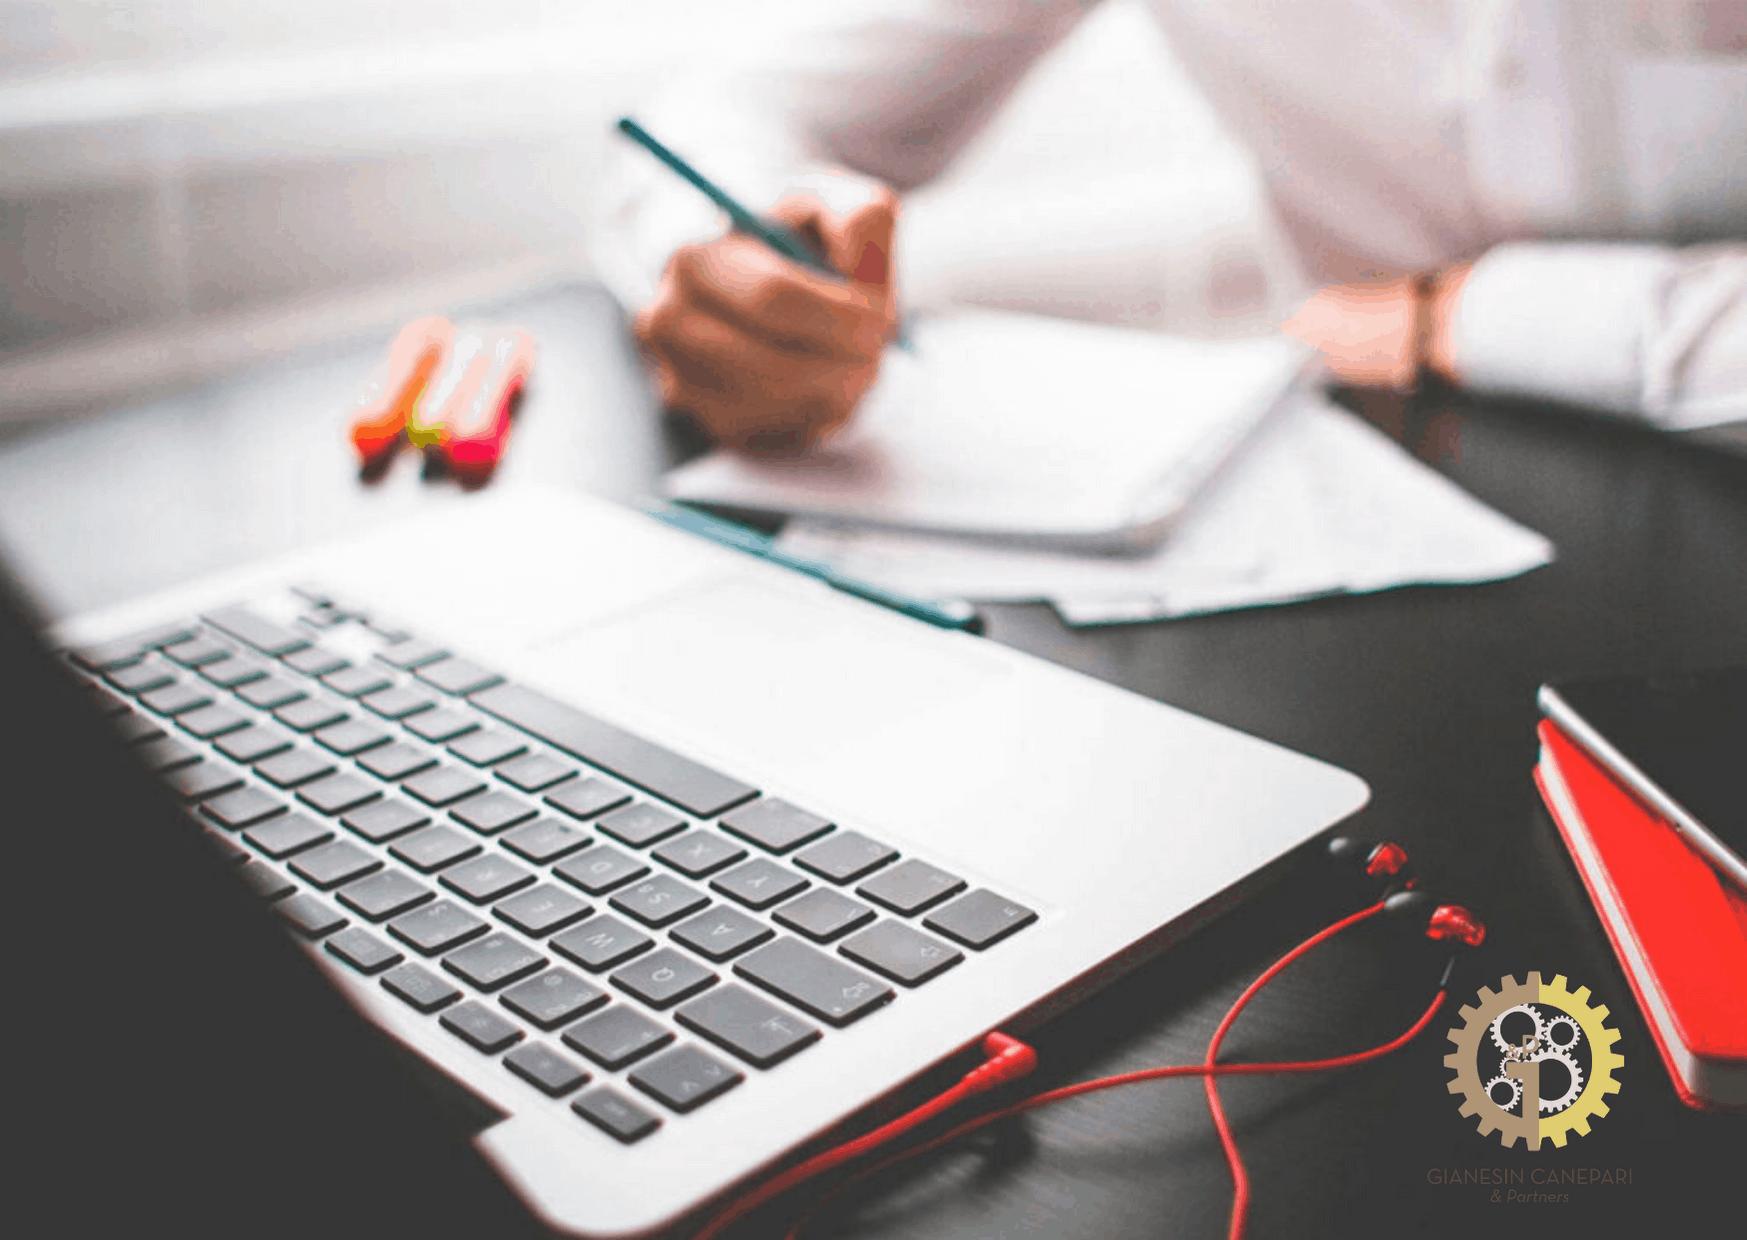 Formazione online: siamo ad un punto di svolta?